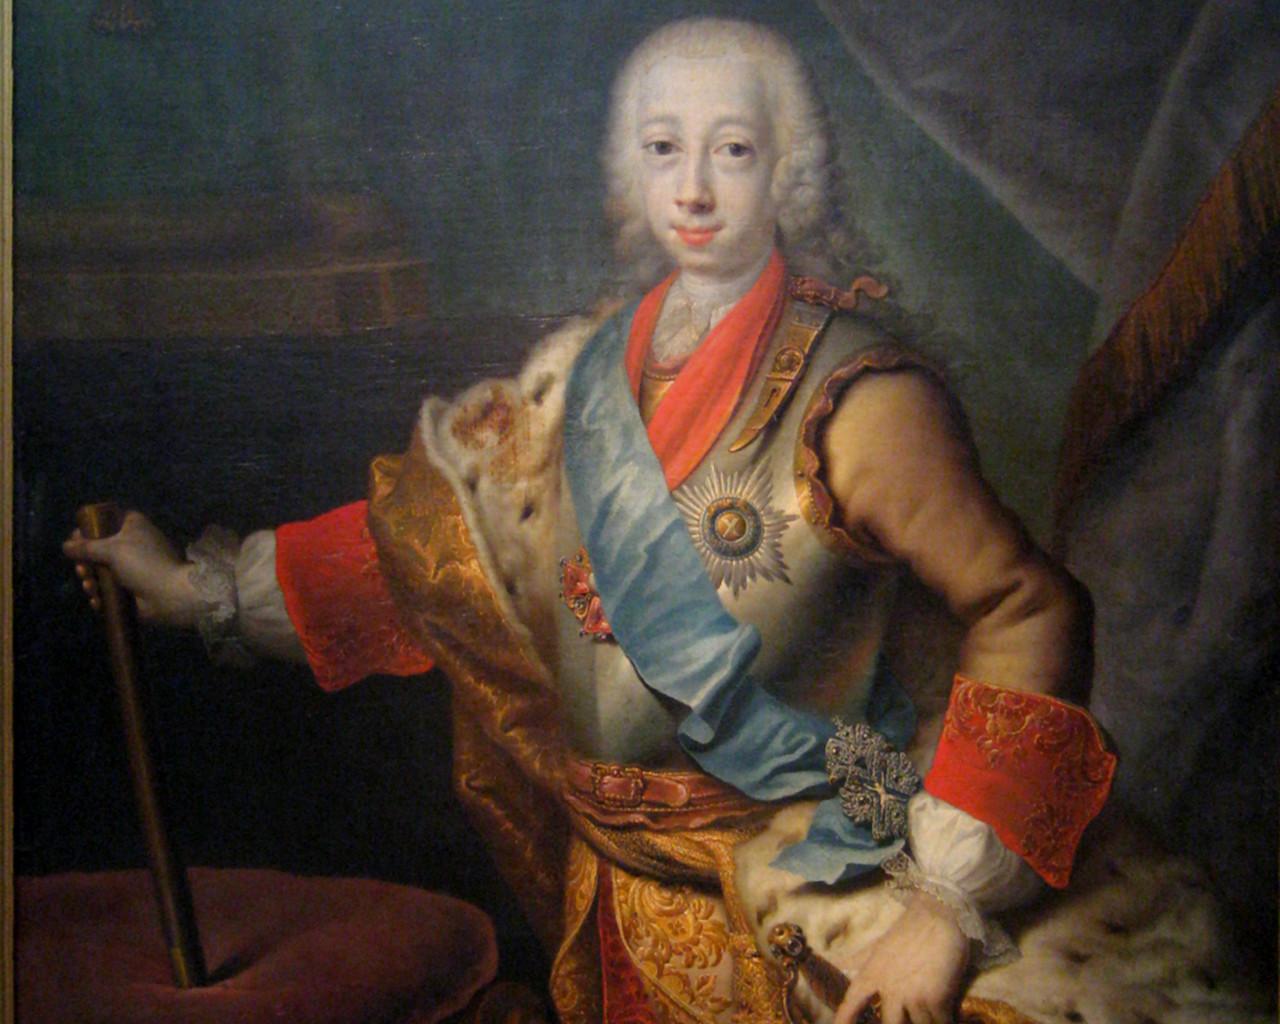 император после екатерины 2